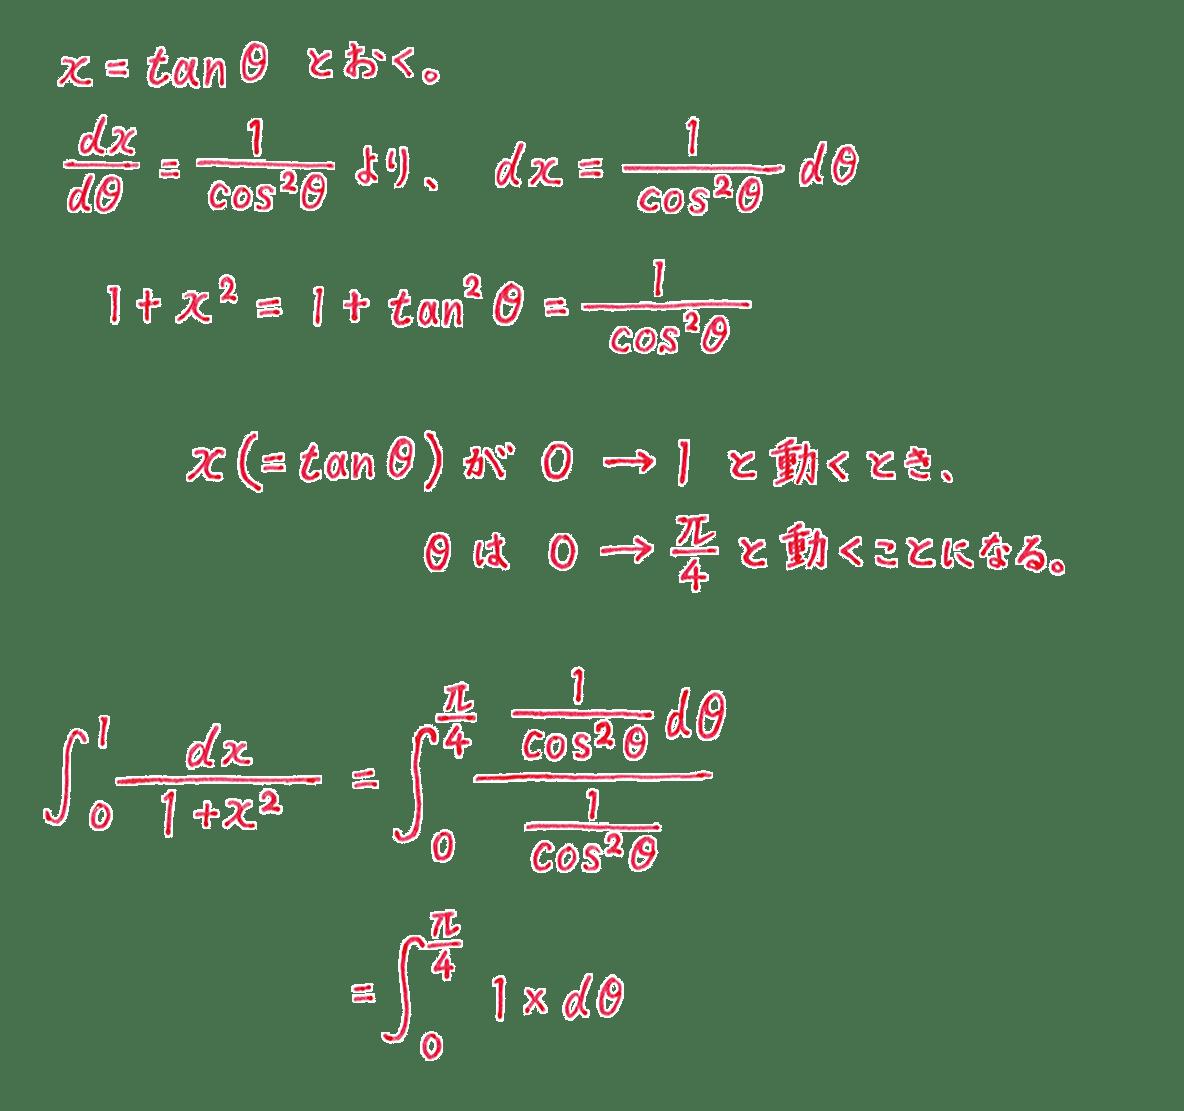 積分法とその応用30 問題 答え1~7行目まで